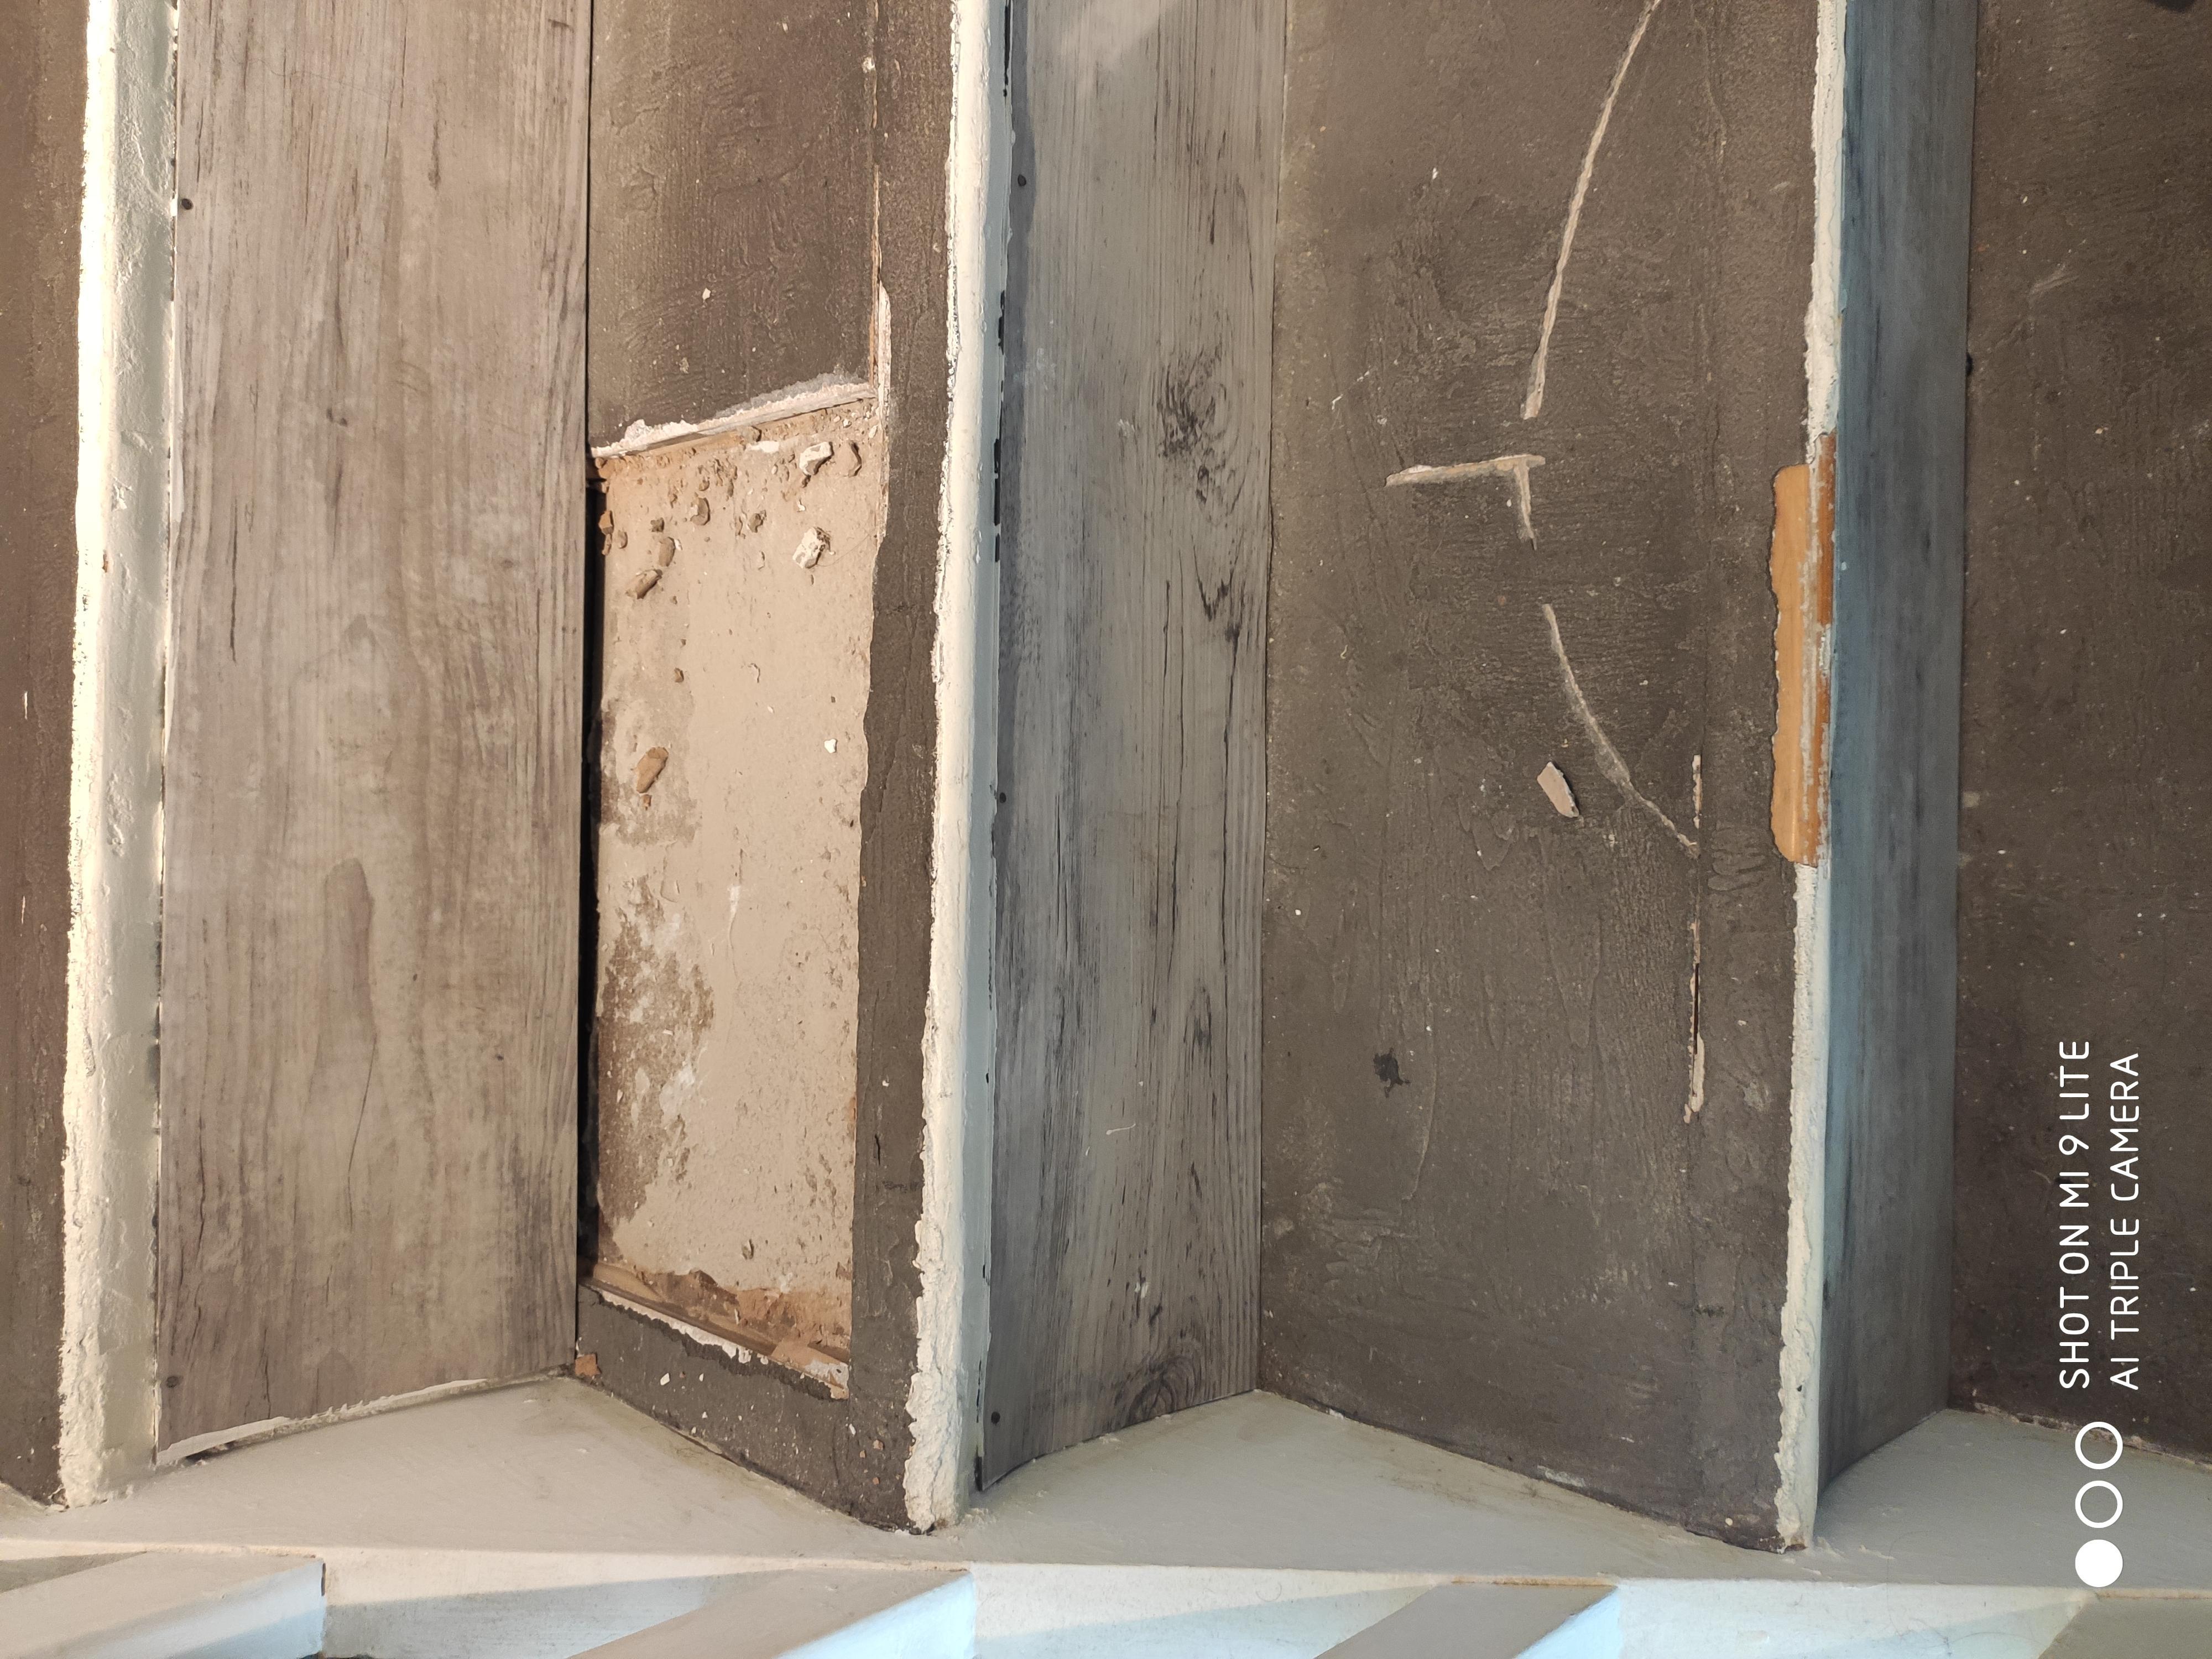 Hauteur Sous Plafond 2M40 forums leroy merlin - communauté leroy merlin